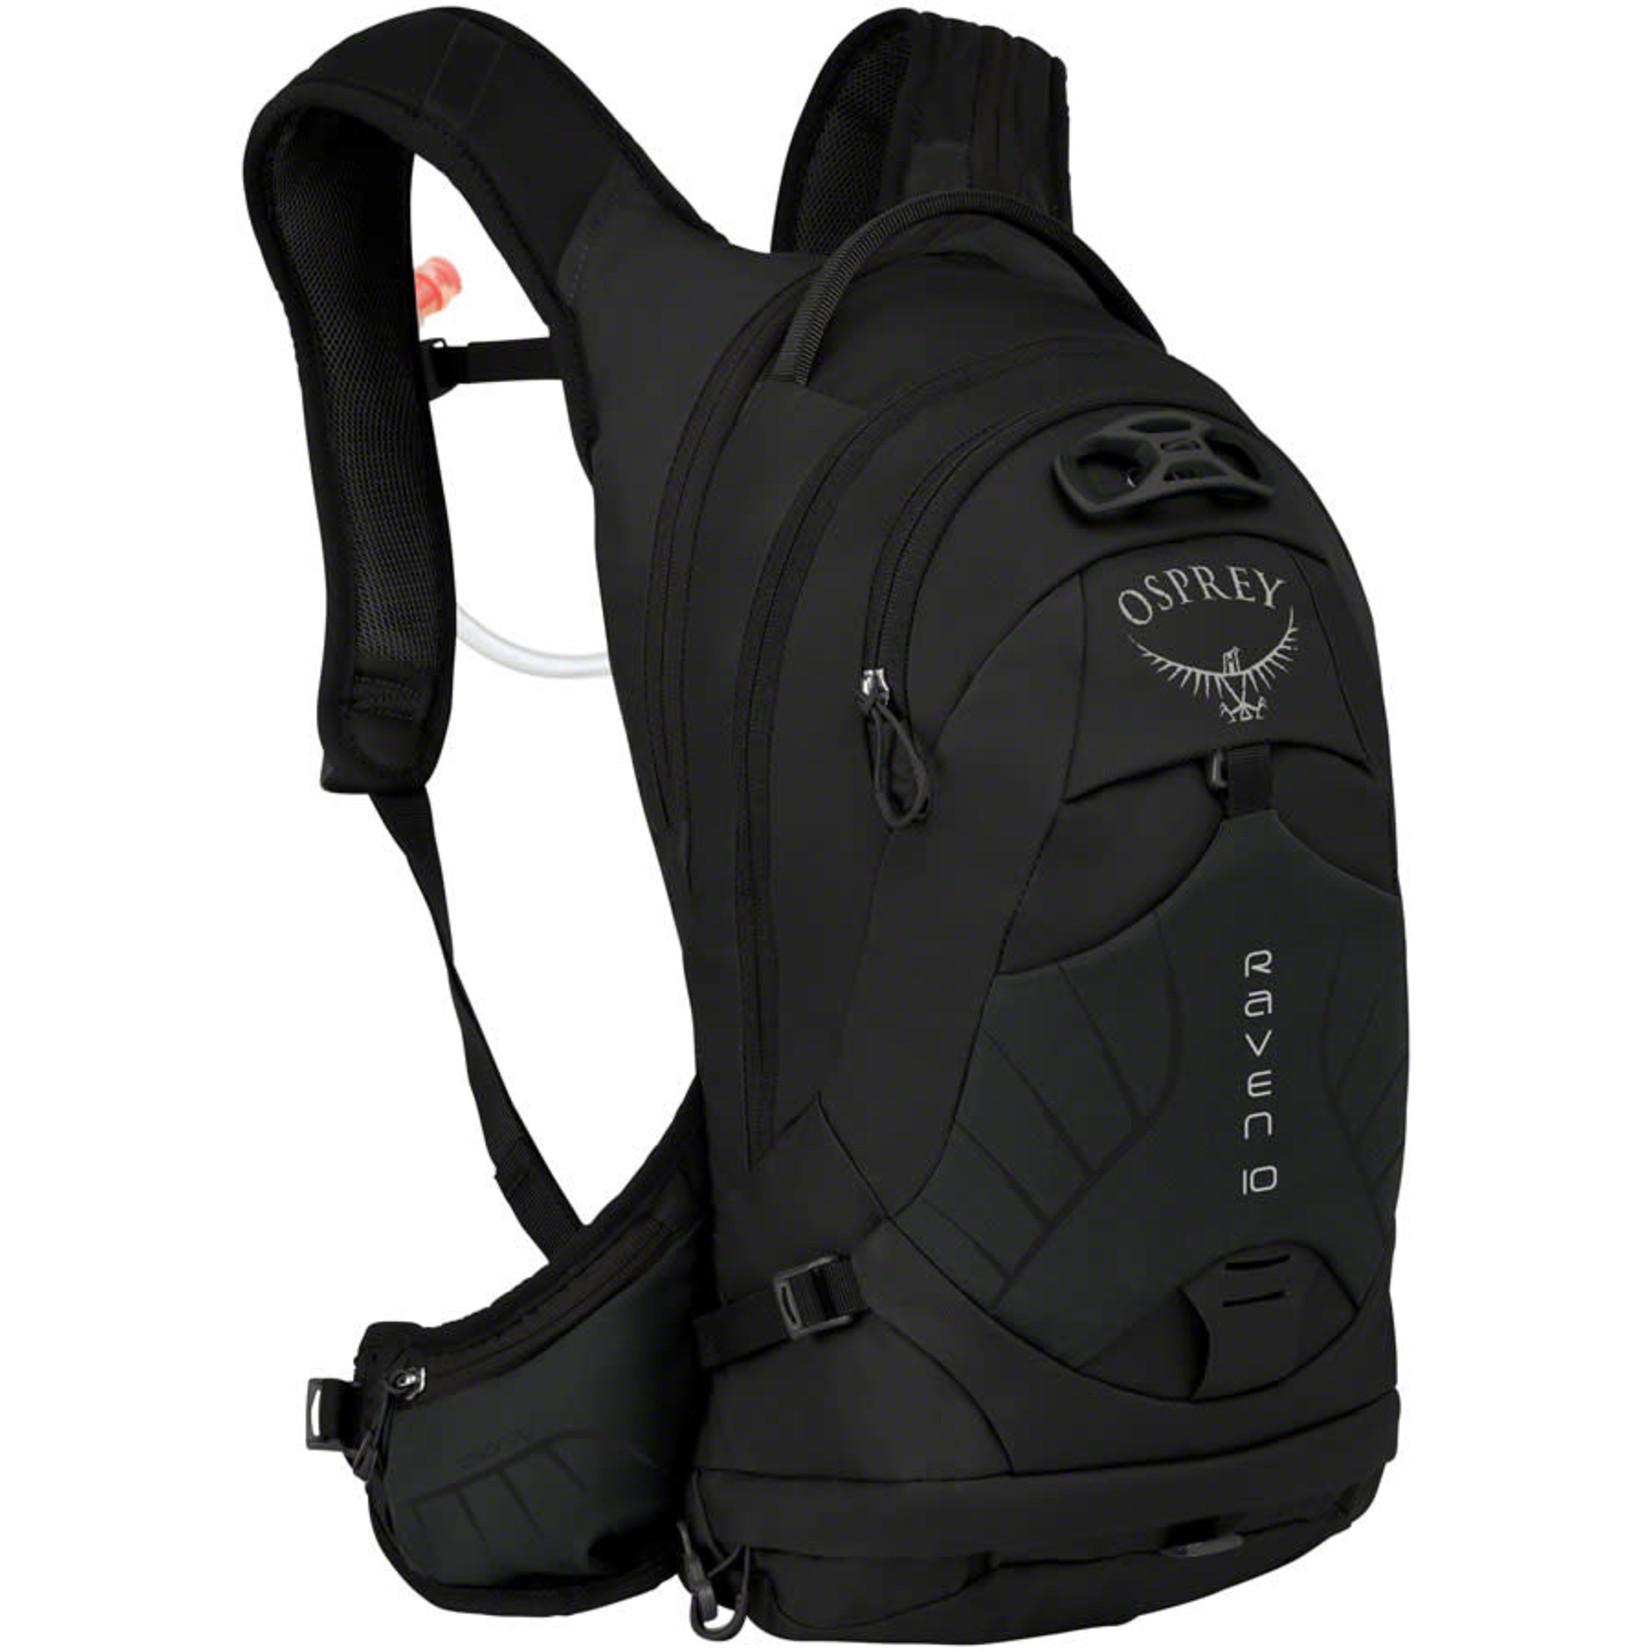 Osprey Osprey Raven 10 Women's Hydration Pack  - Black